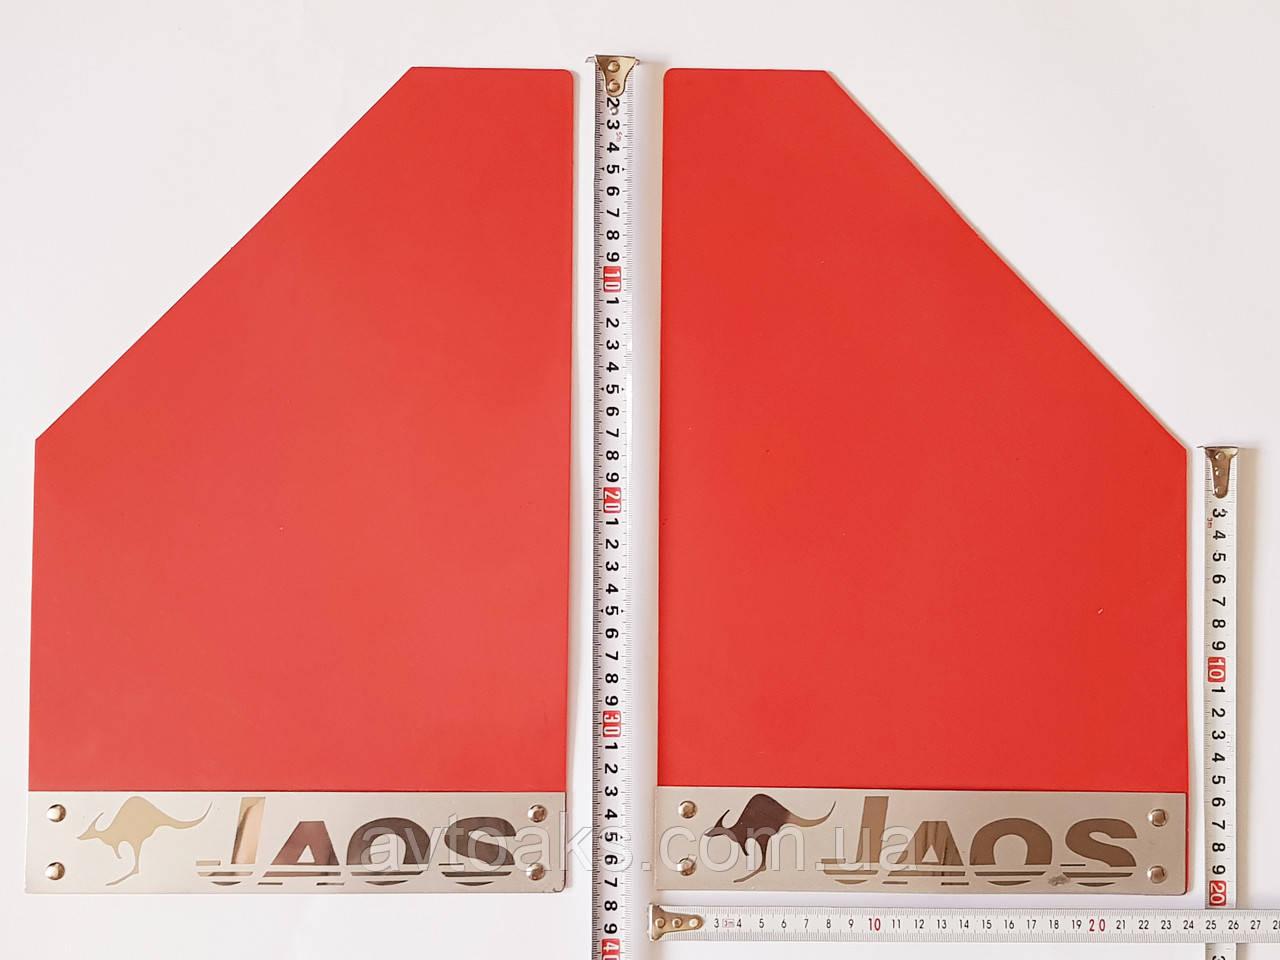 Брызговик тюнинговый, пластиковый, цветной, 370х240 мм. с пластиной